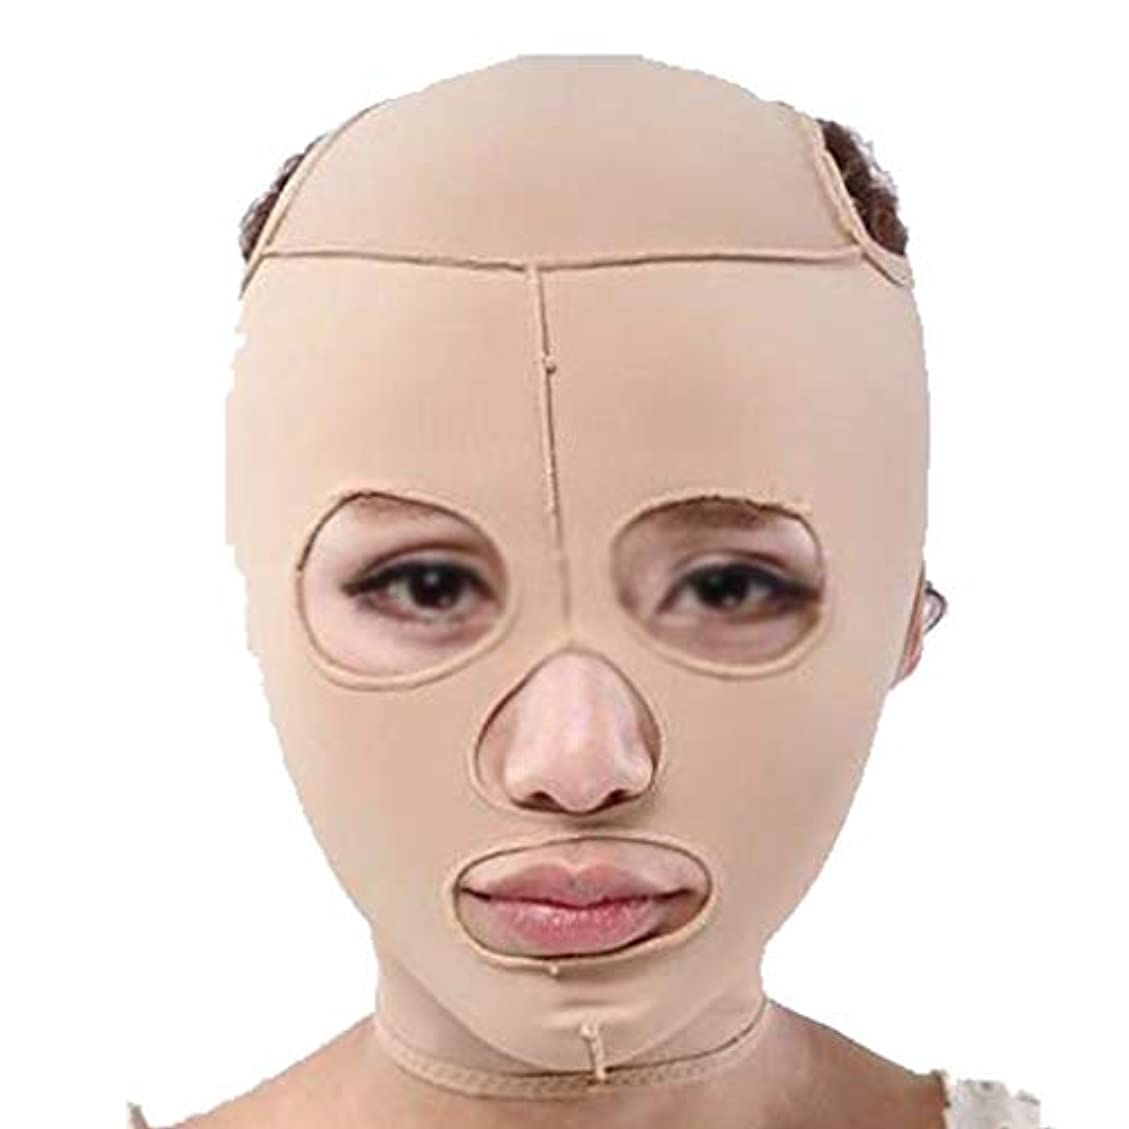 ウッズ入力原点ZWBD フェイスマスク, フェイスコレクター男性と女性のフェイスリフティングマスクマスクバンデージリフティングスモールVフェイスリフティング引き締めダブルチン